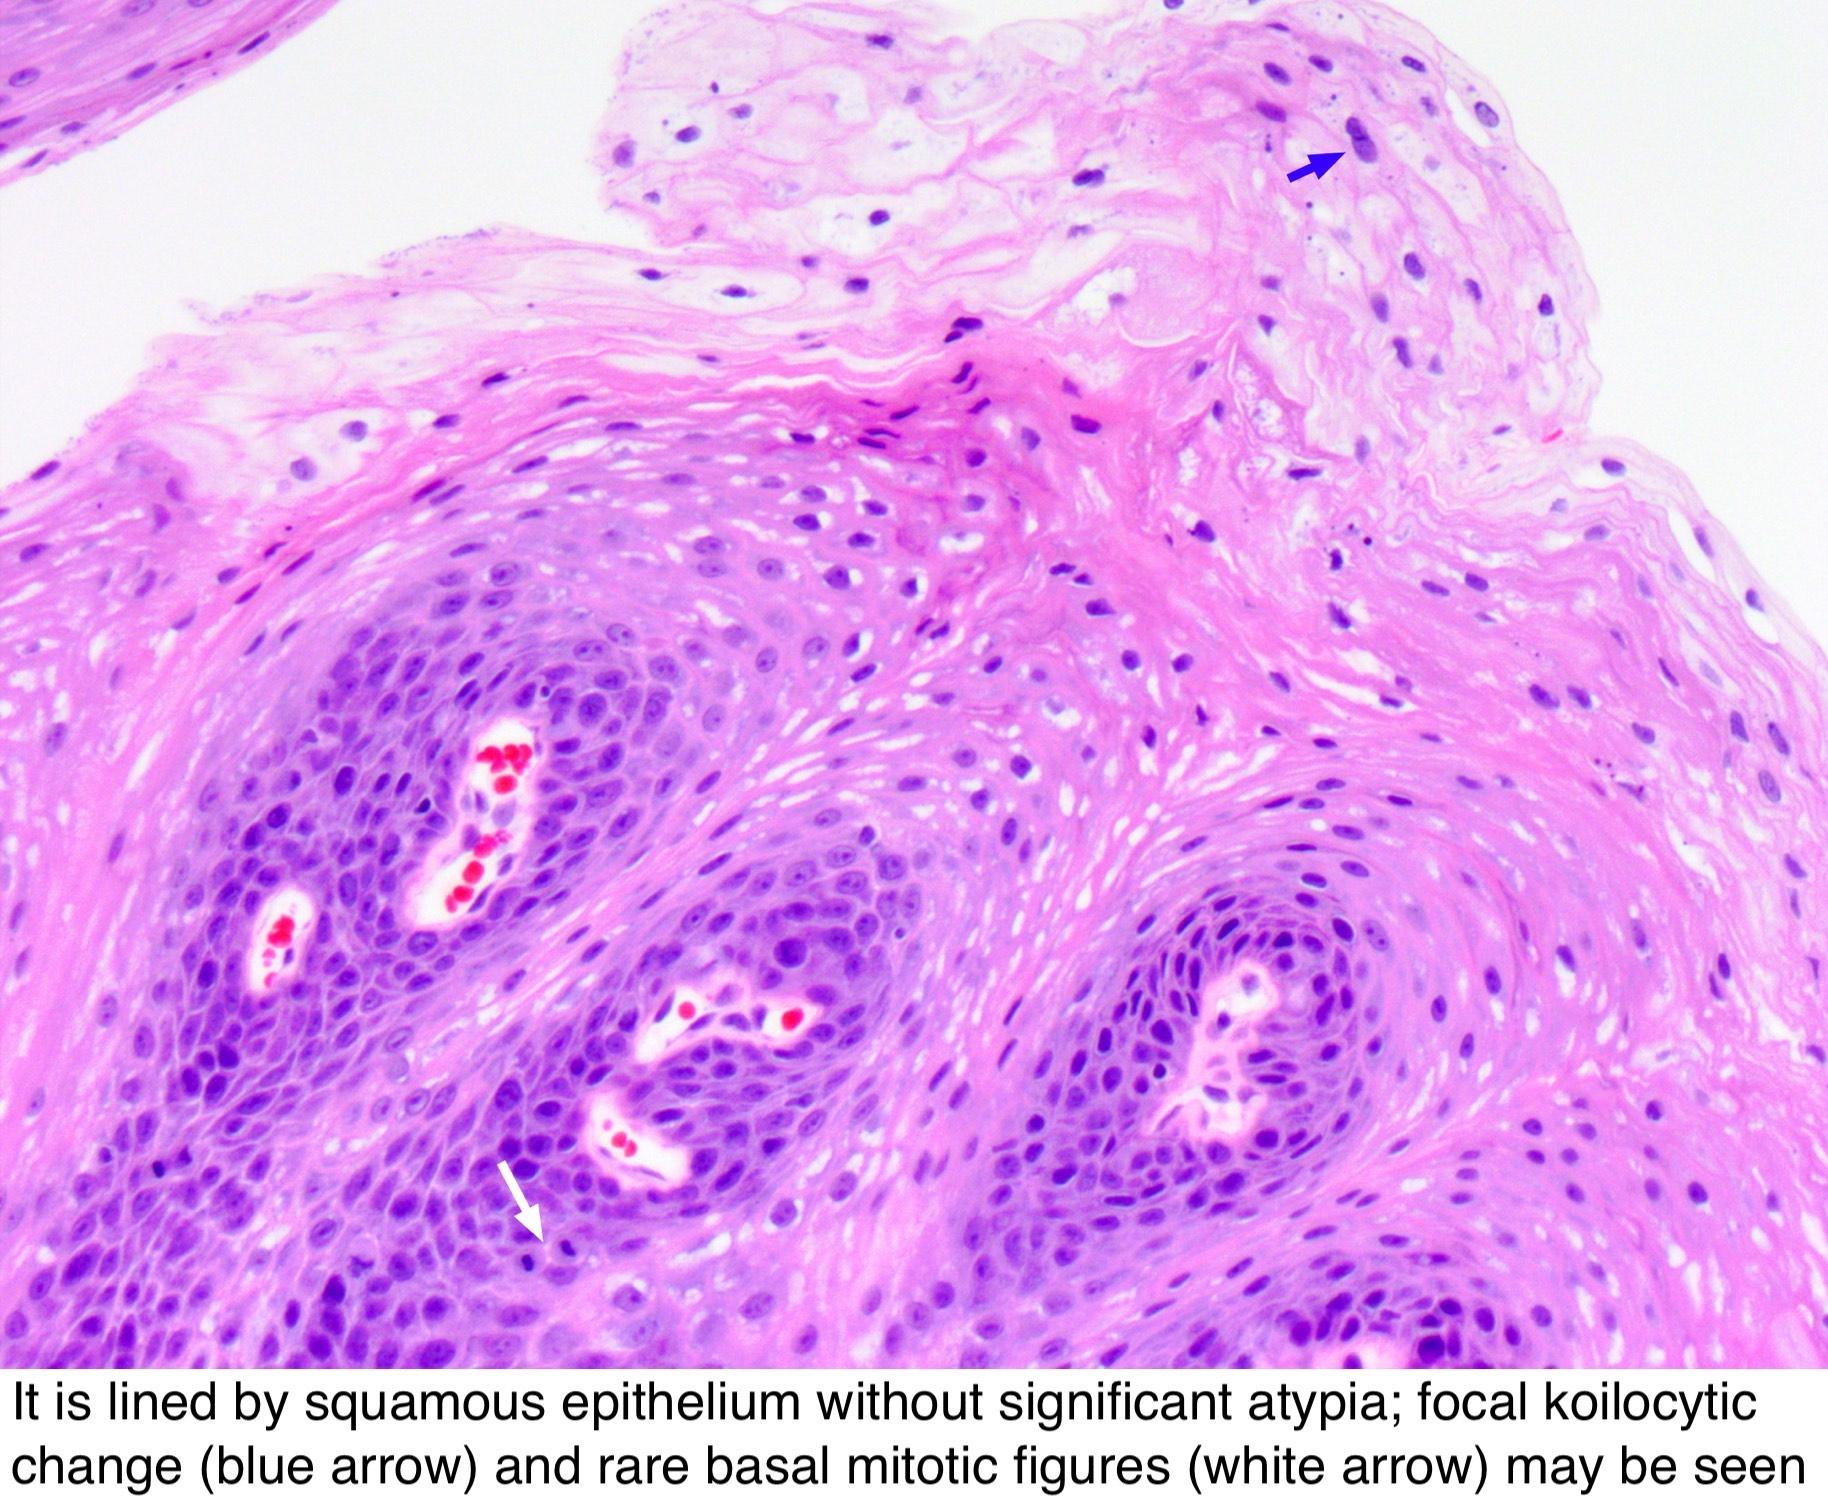 verruga papiloma contagio anemie b12